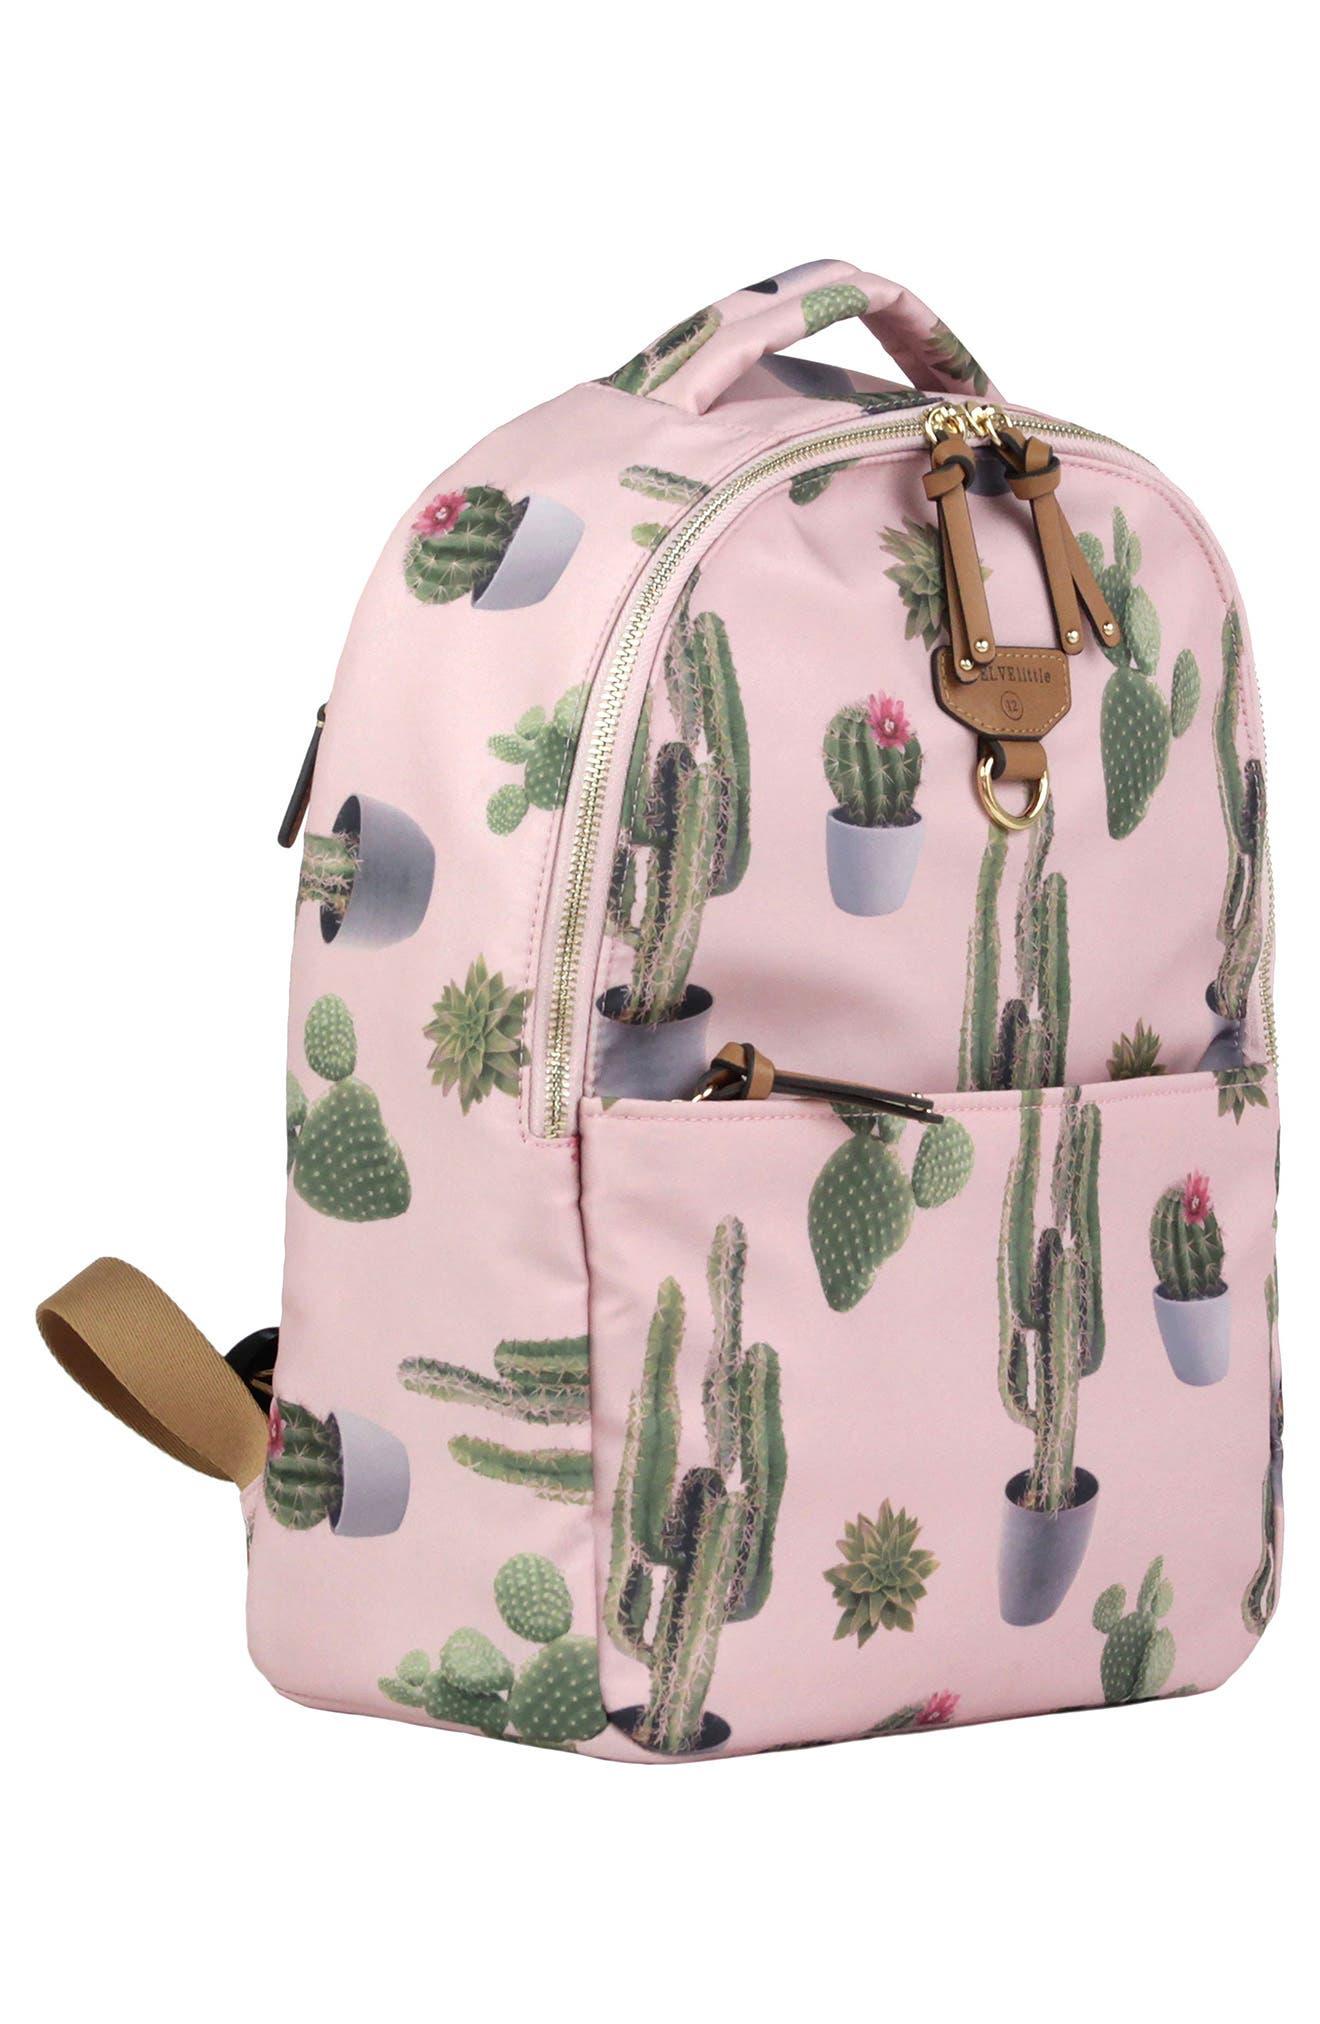 Mini-Go Water Resistant Diaper Backpack,                             Alternate thumbnail 3, color,                             Cactus